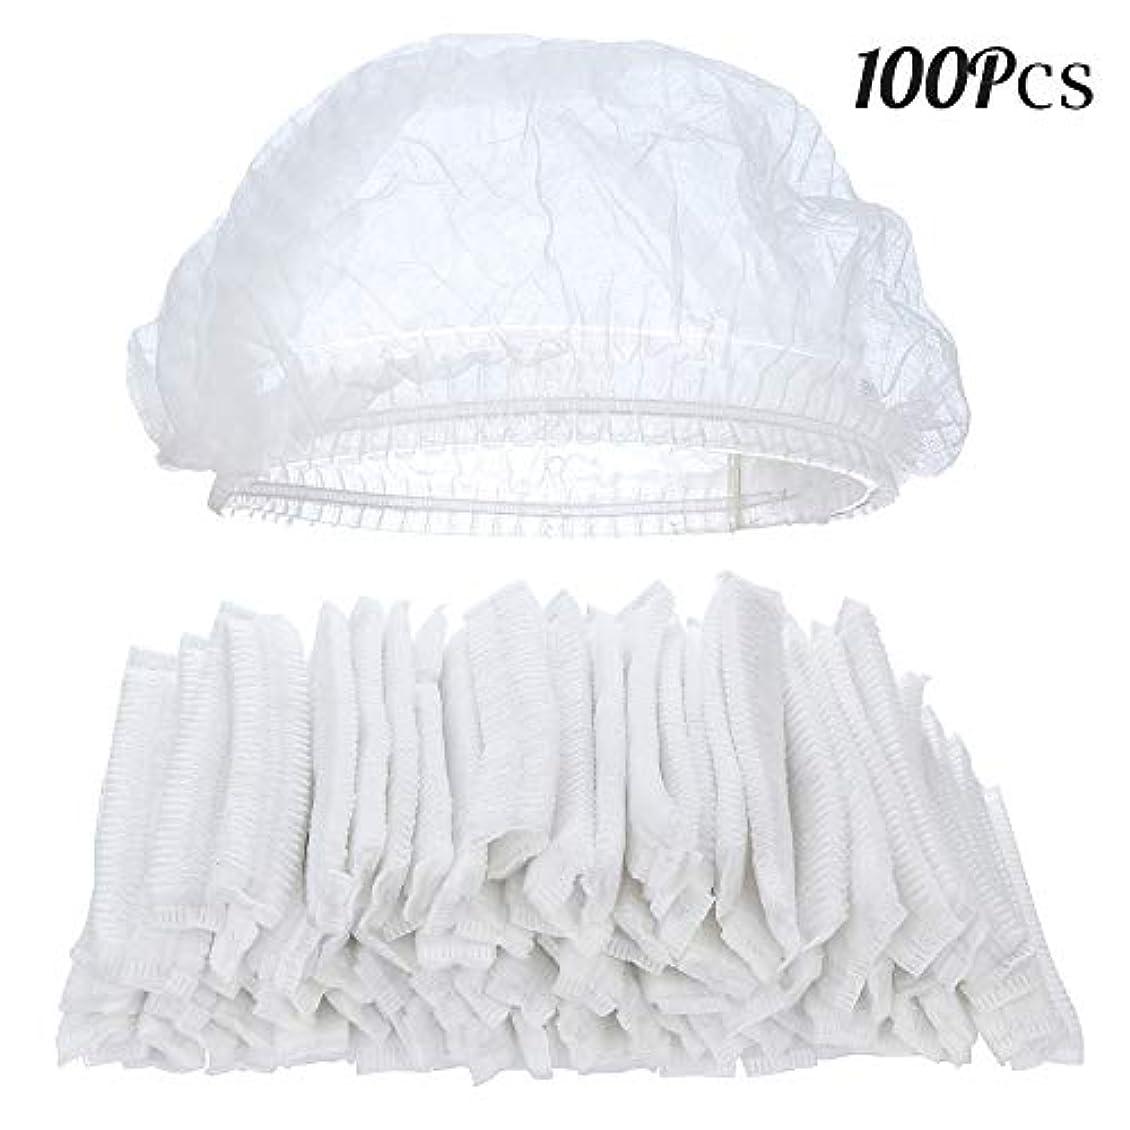 反発グリップ豊富に100ピースクリア使い捨てプラスチックシャワーキャップ大きな弾性厚いバスキャップ用女性スパ、家庭用、ホテルおよび美容院